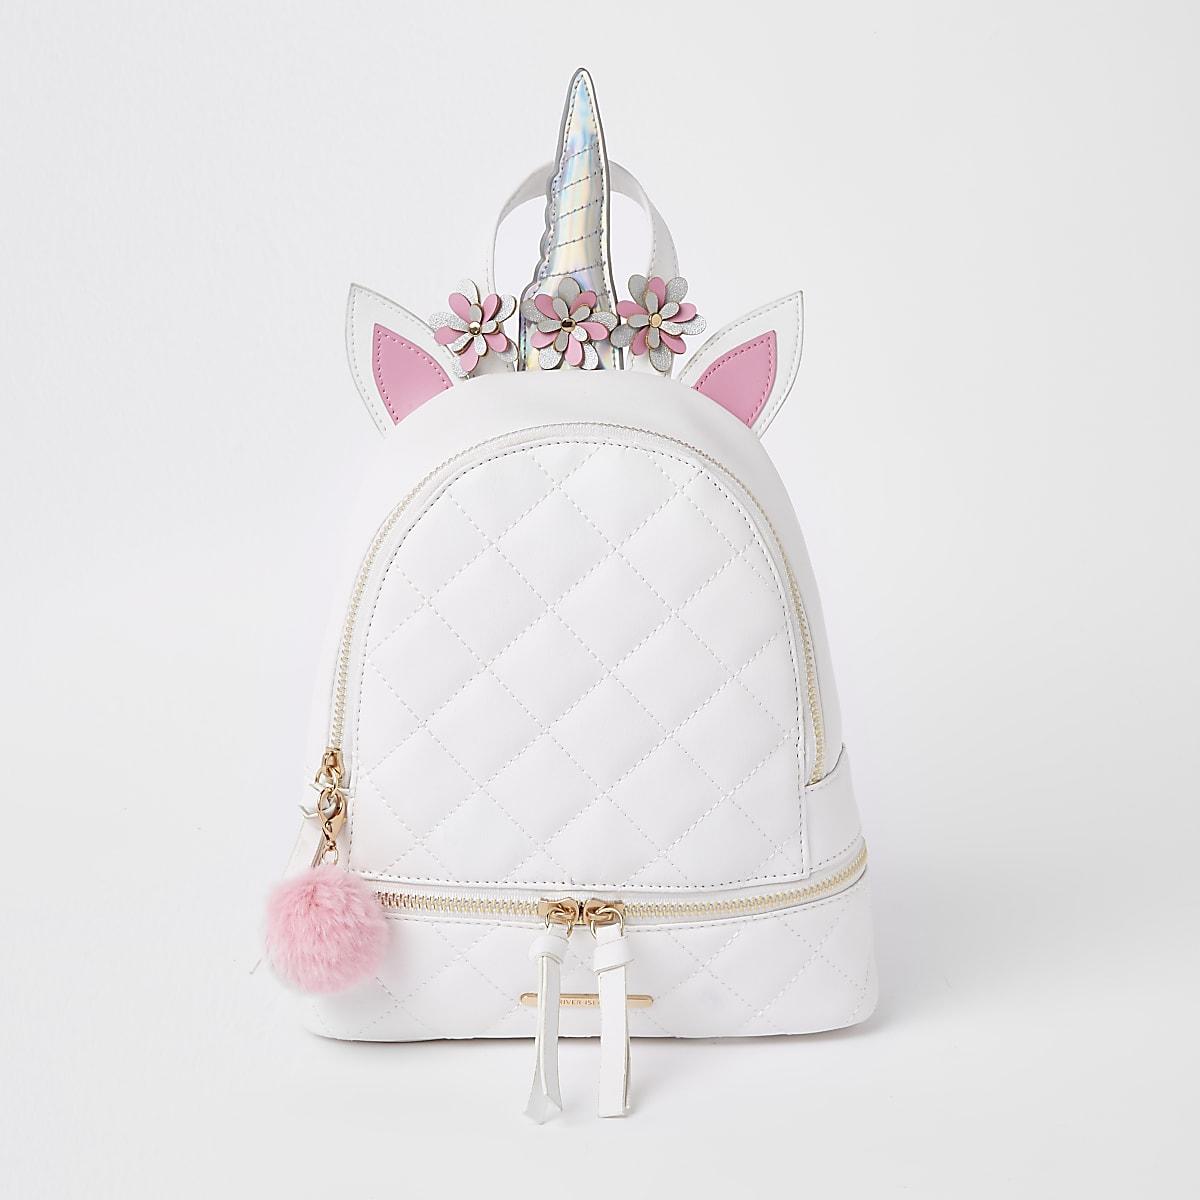 7c9aee1e42ceff Girls white unicorn backpack - Backpacks - Bags & Purses - girls